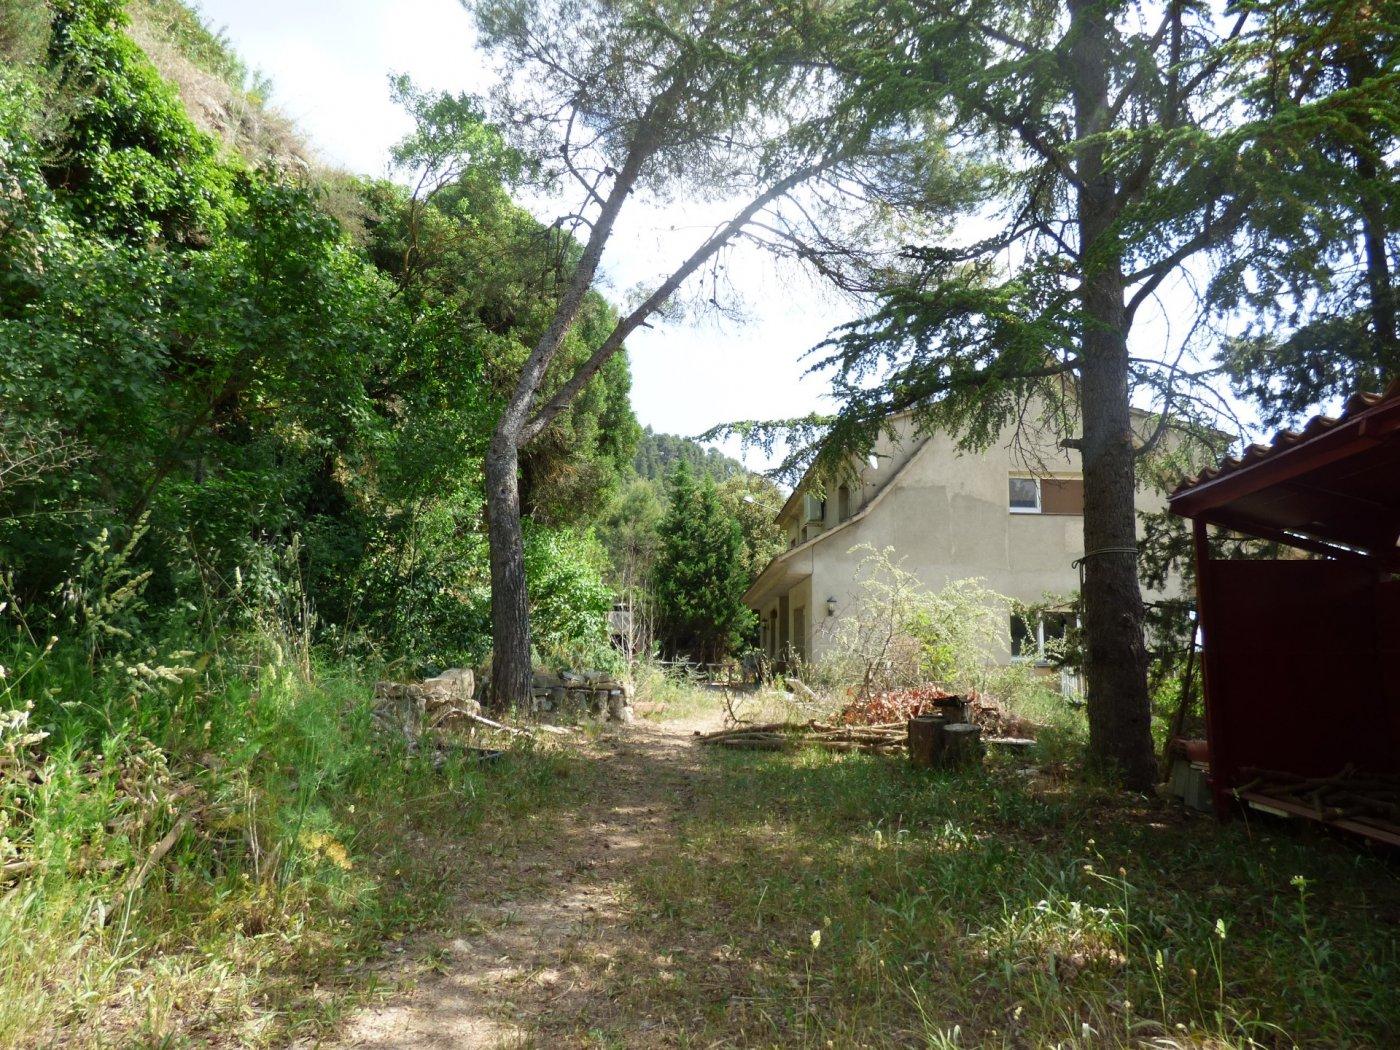 casa independiente con terreno en venta en plena naturaleza y mucha tranquilidad en marganell